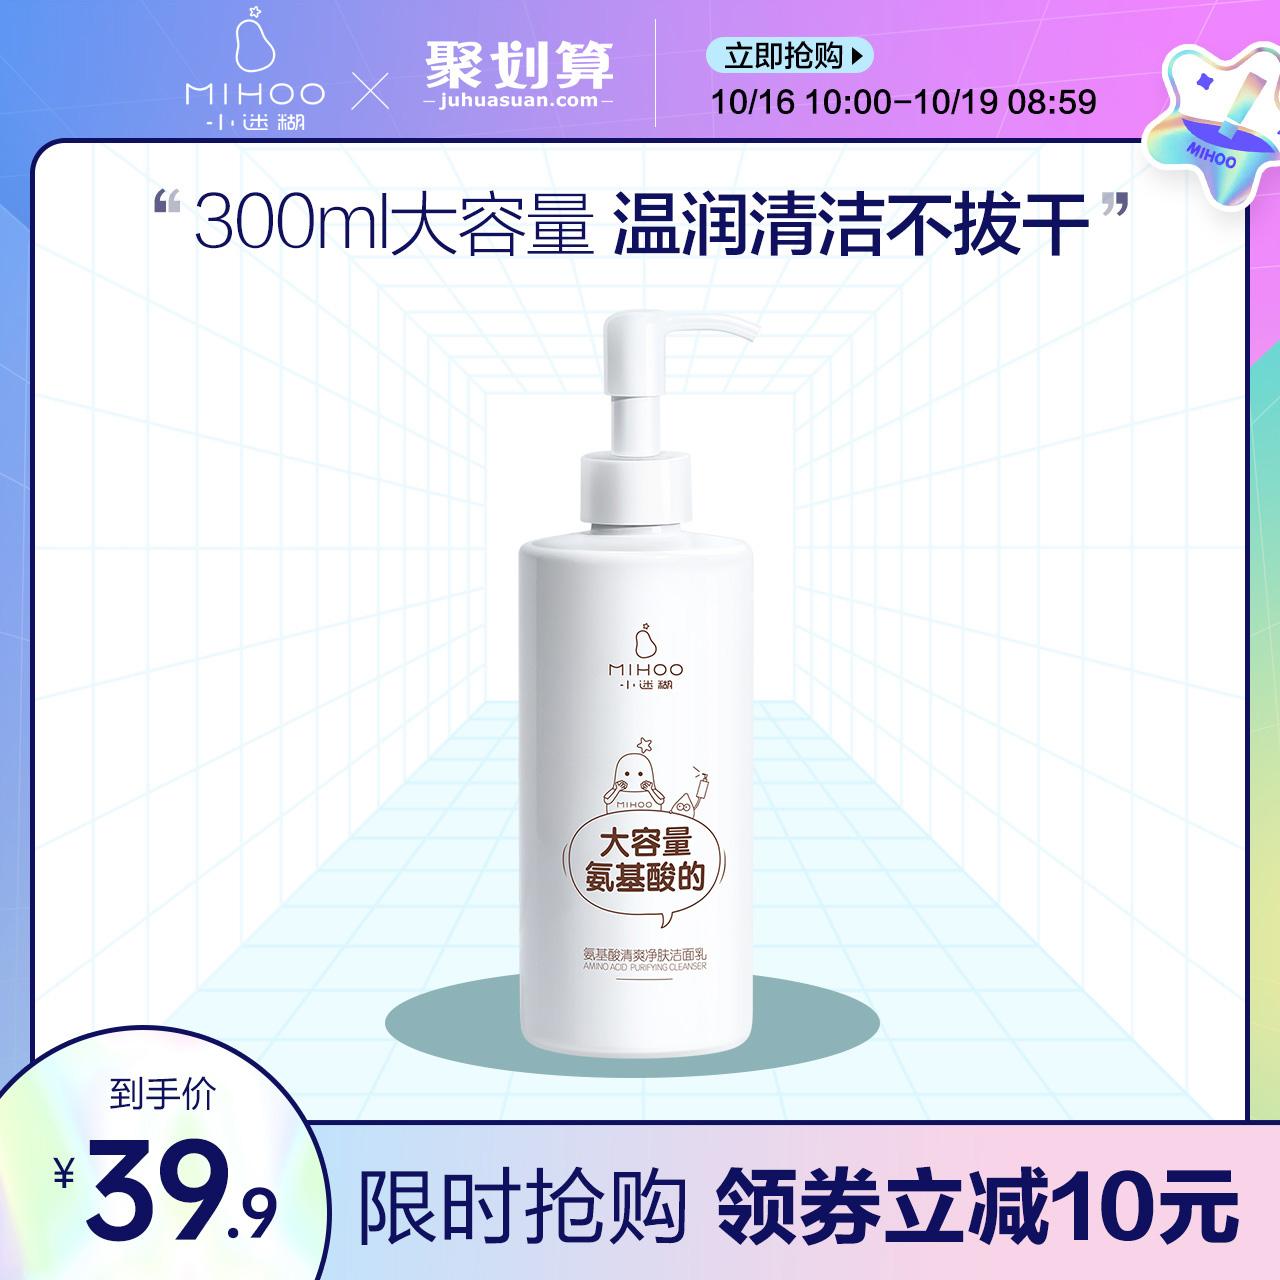 小迷糊氨基酸大瓶洗面奶洁面乳深层清洁控油男女士学生正品大容量